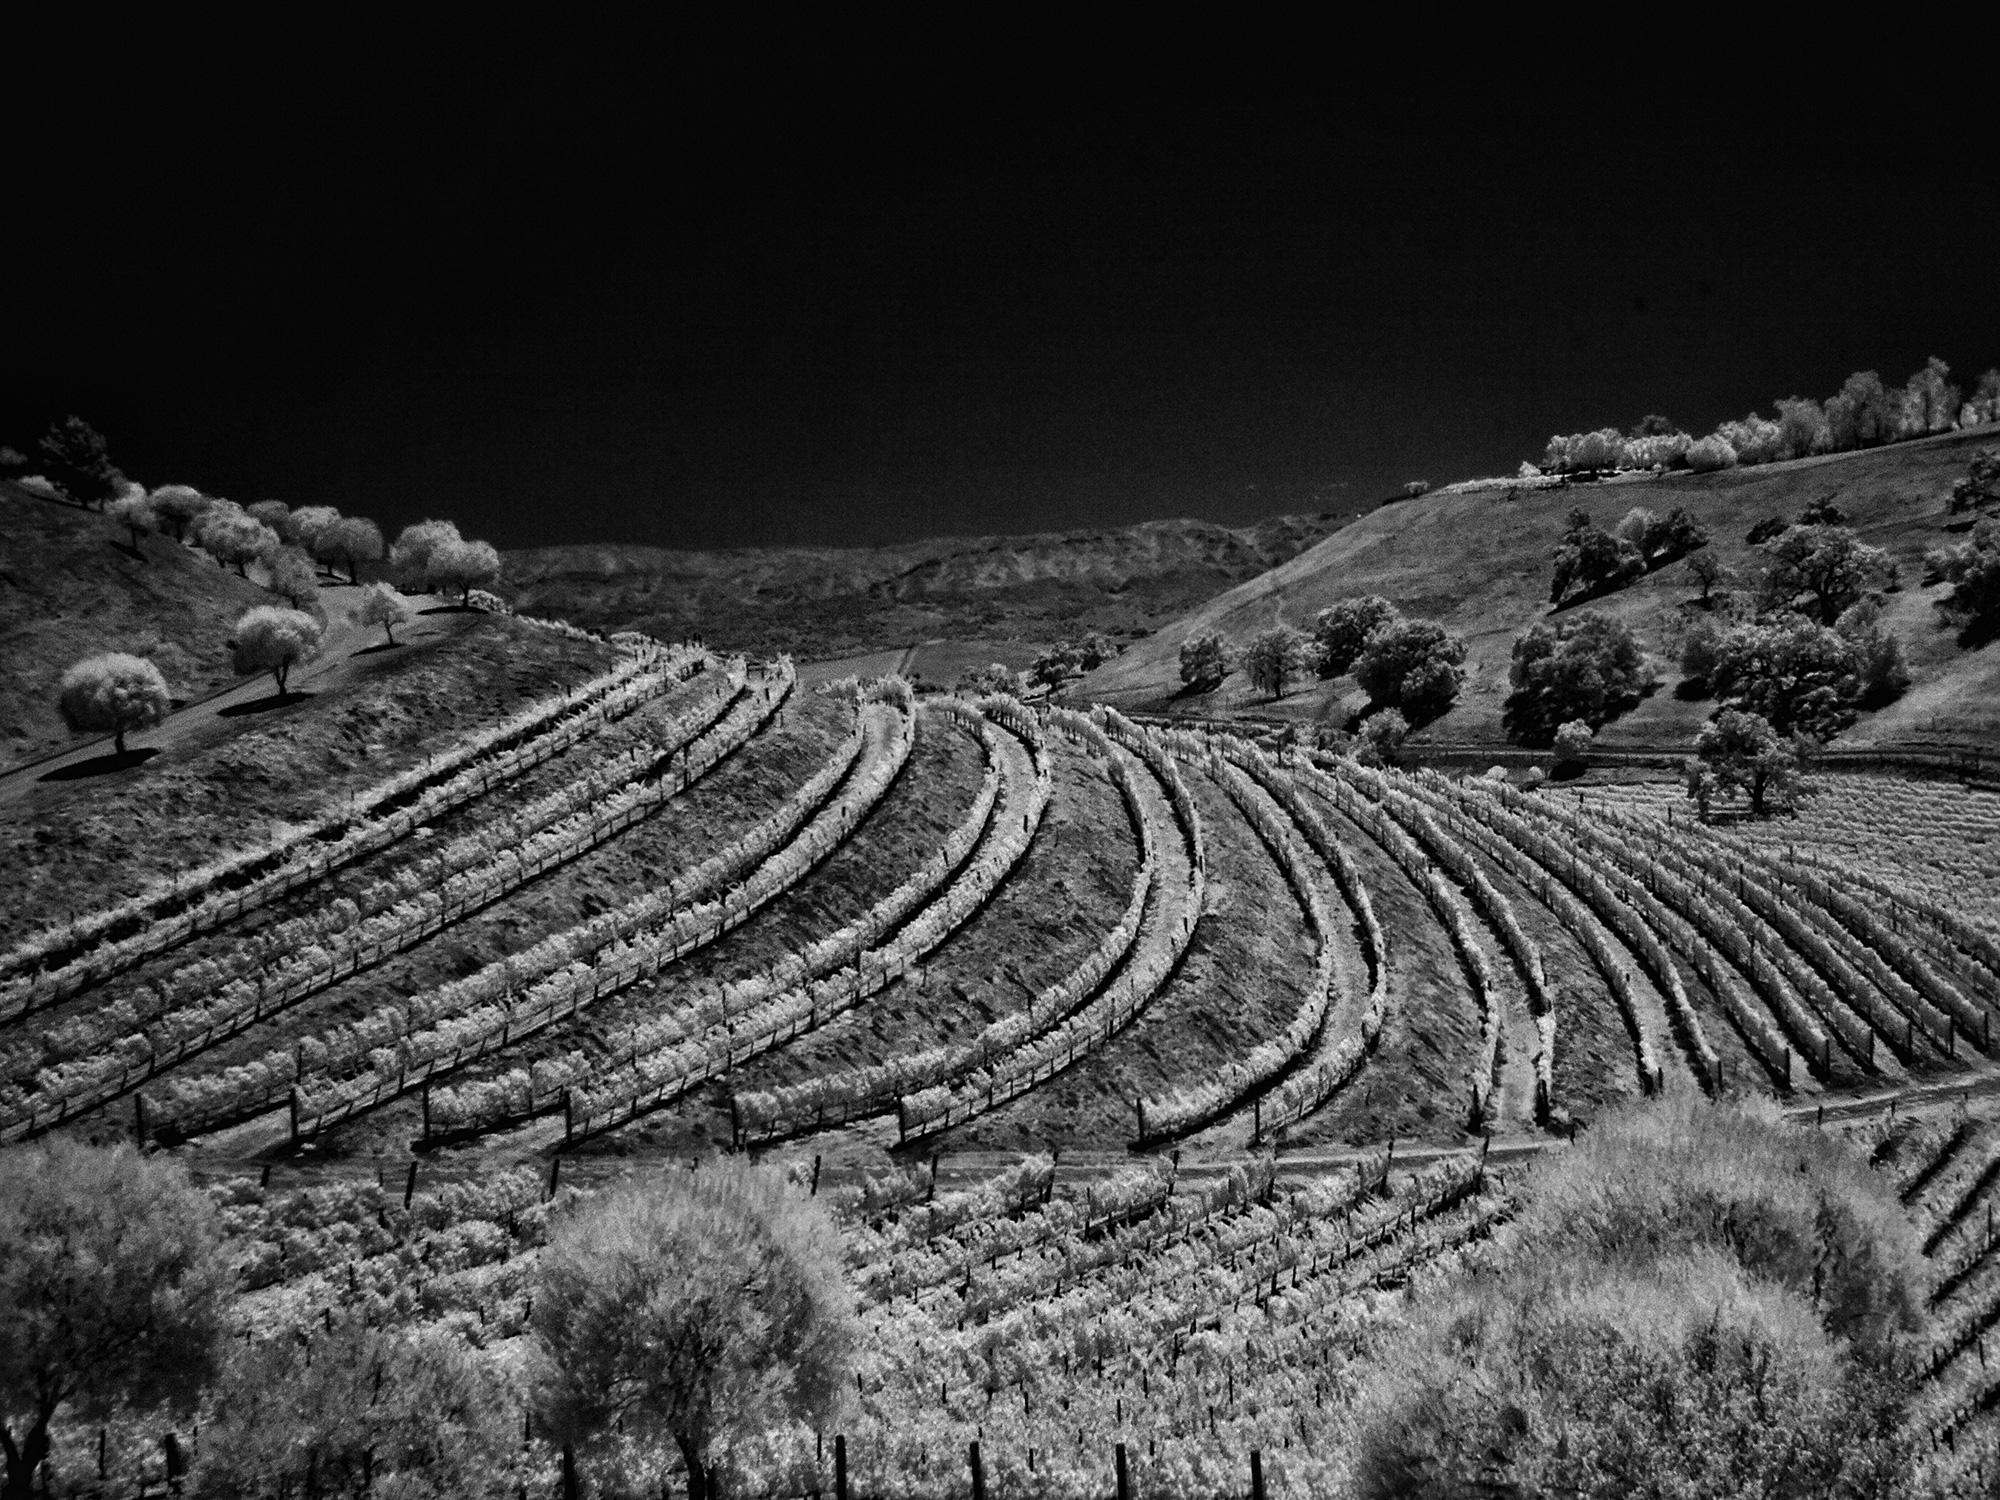 Santa Barbara Vineyard